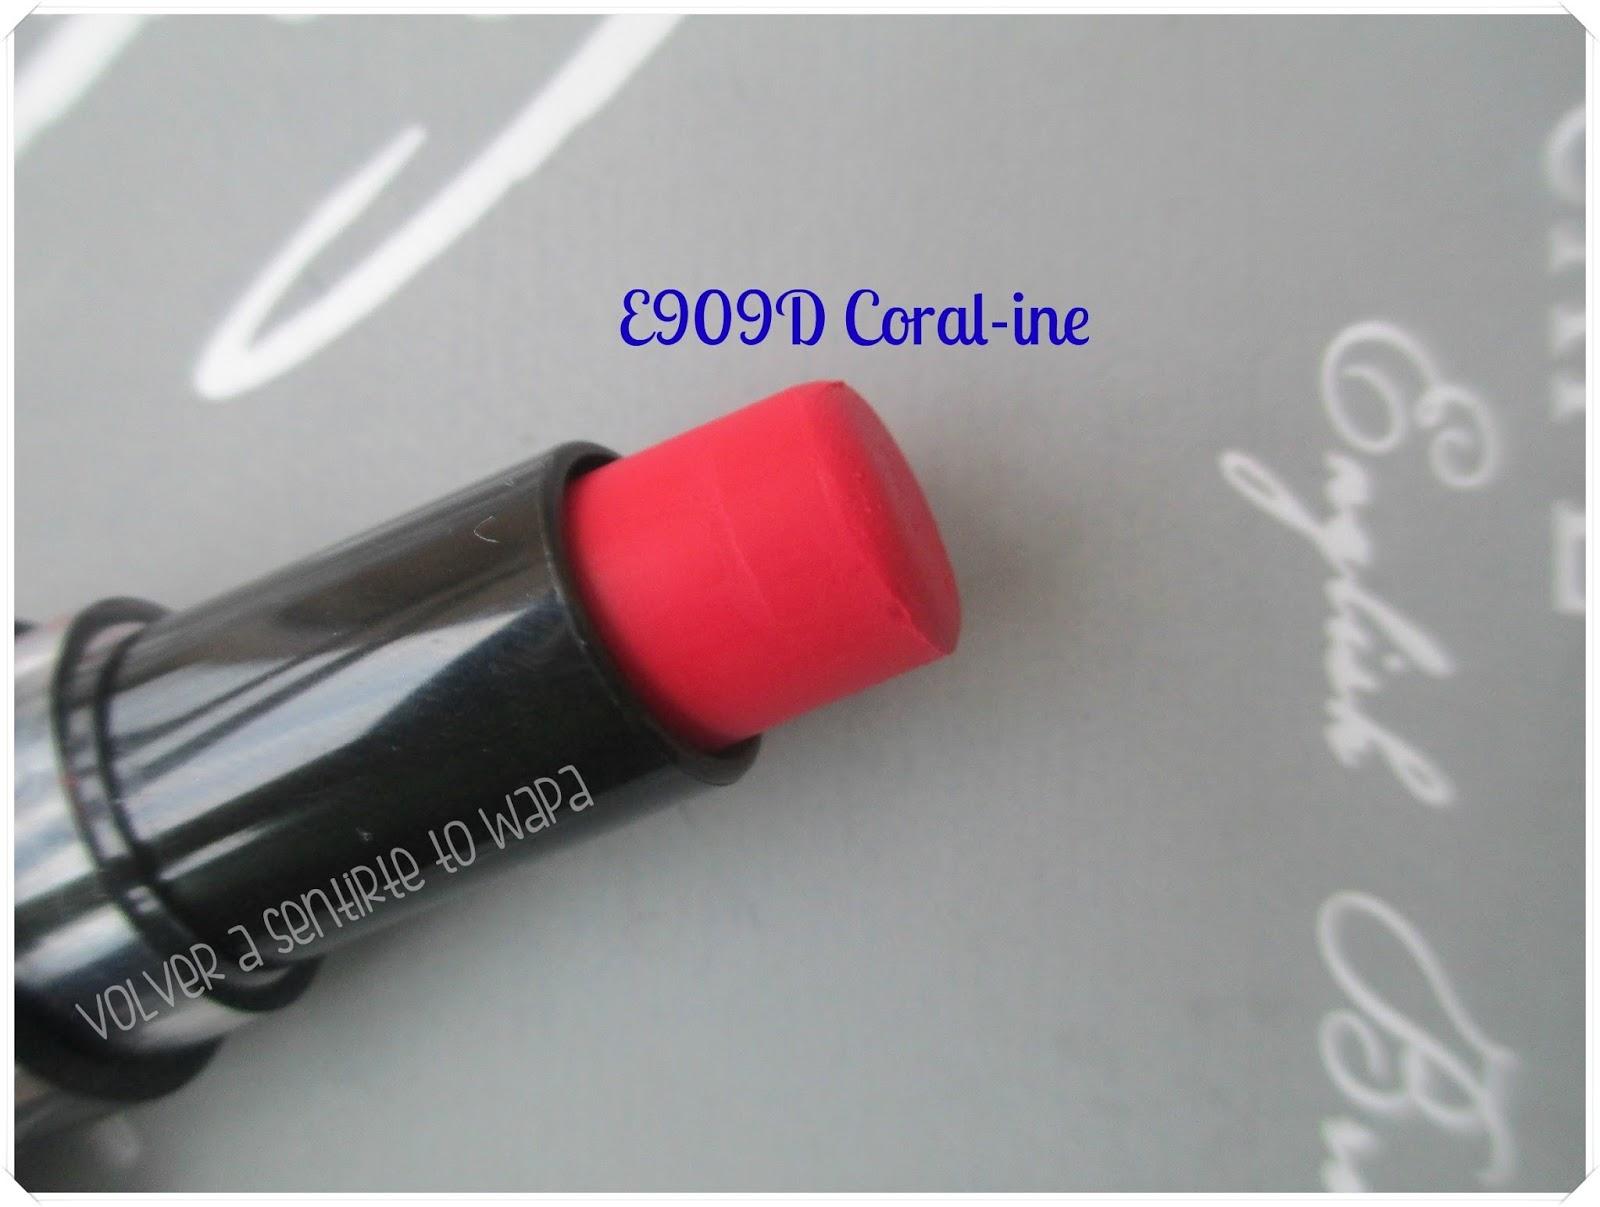 Labiales MegaLast Lip Color de Wet n' Wild - E909D Coral-ine